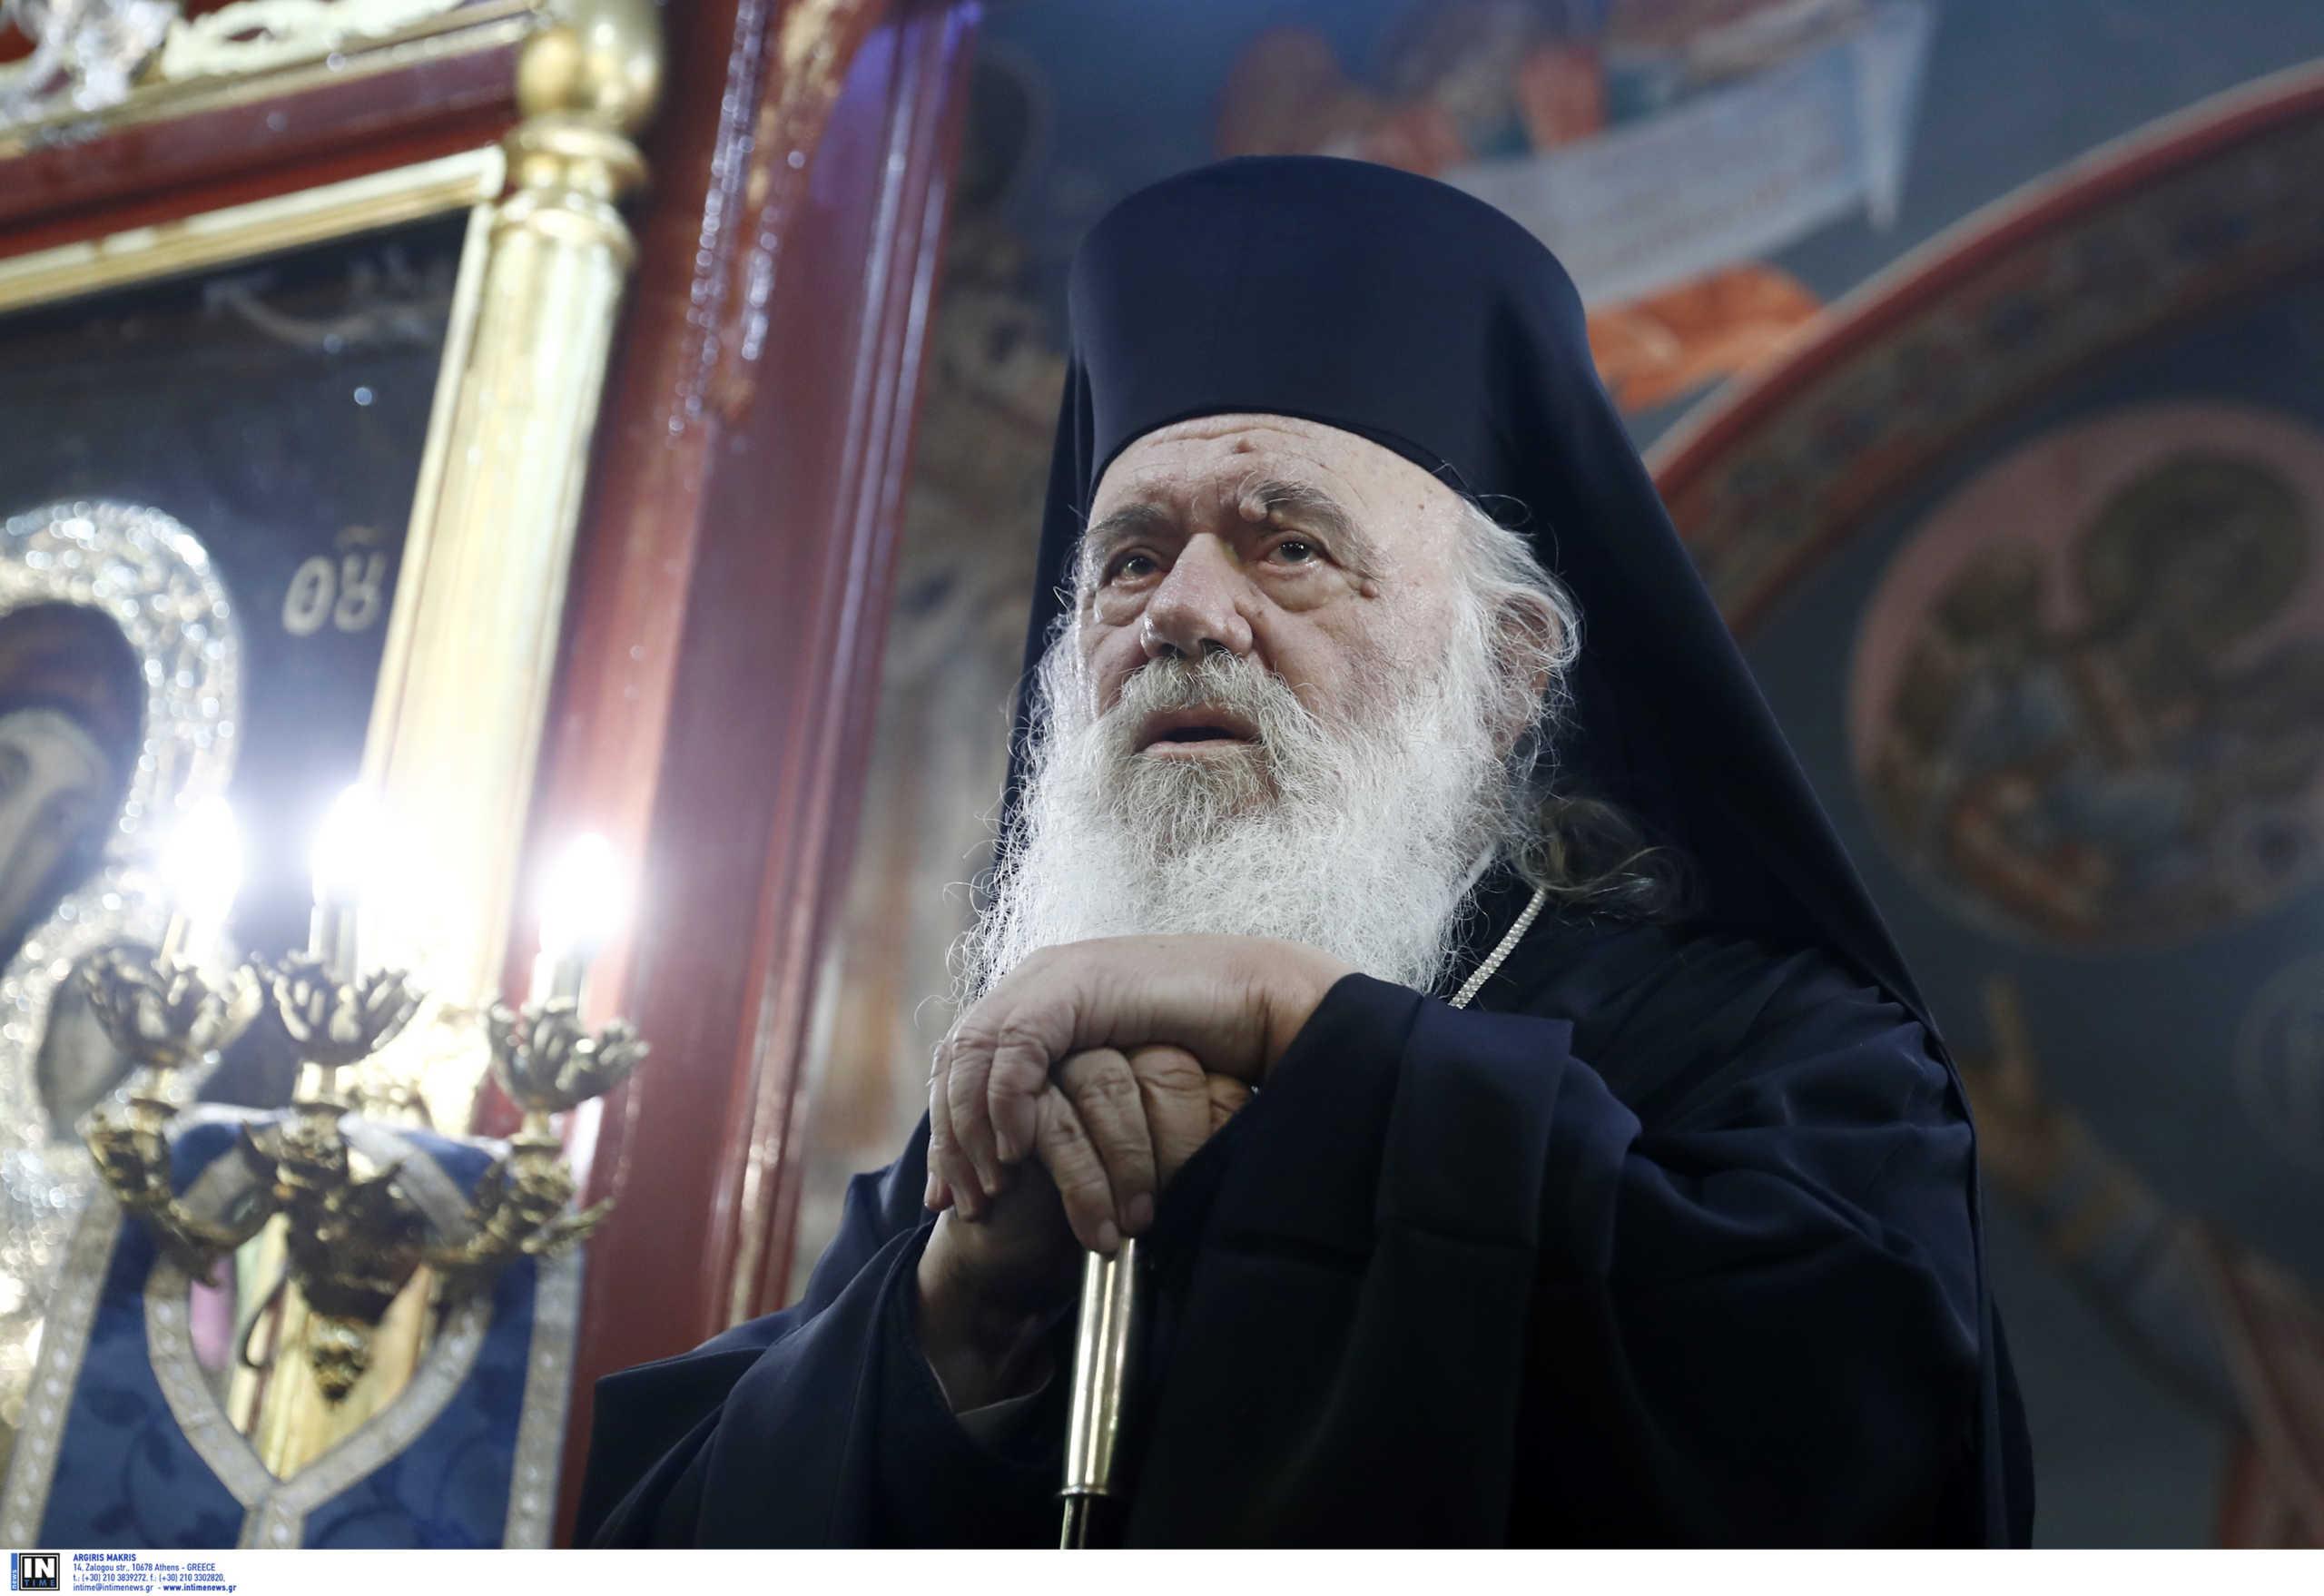 Αρχιεπίσκοπος Ιερώνυμος: Ο ρόλος του Τσιόδρα στη μεταφορά του στον Ευαγγελισμό – Νοσηλεύεται σε ΜΑΦ